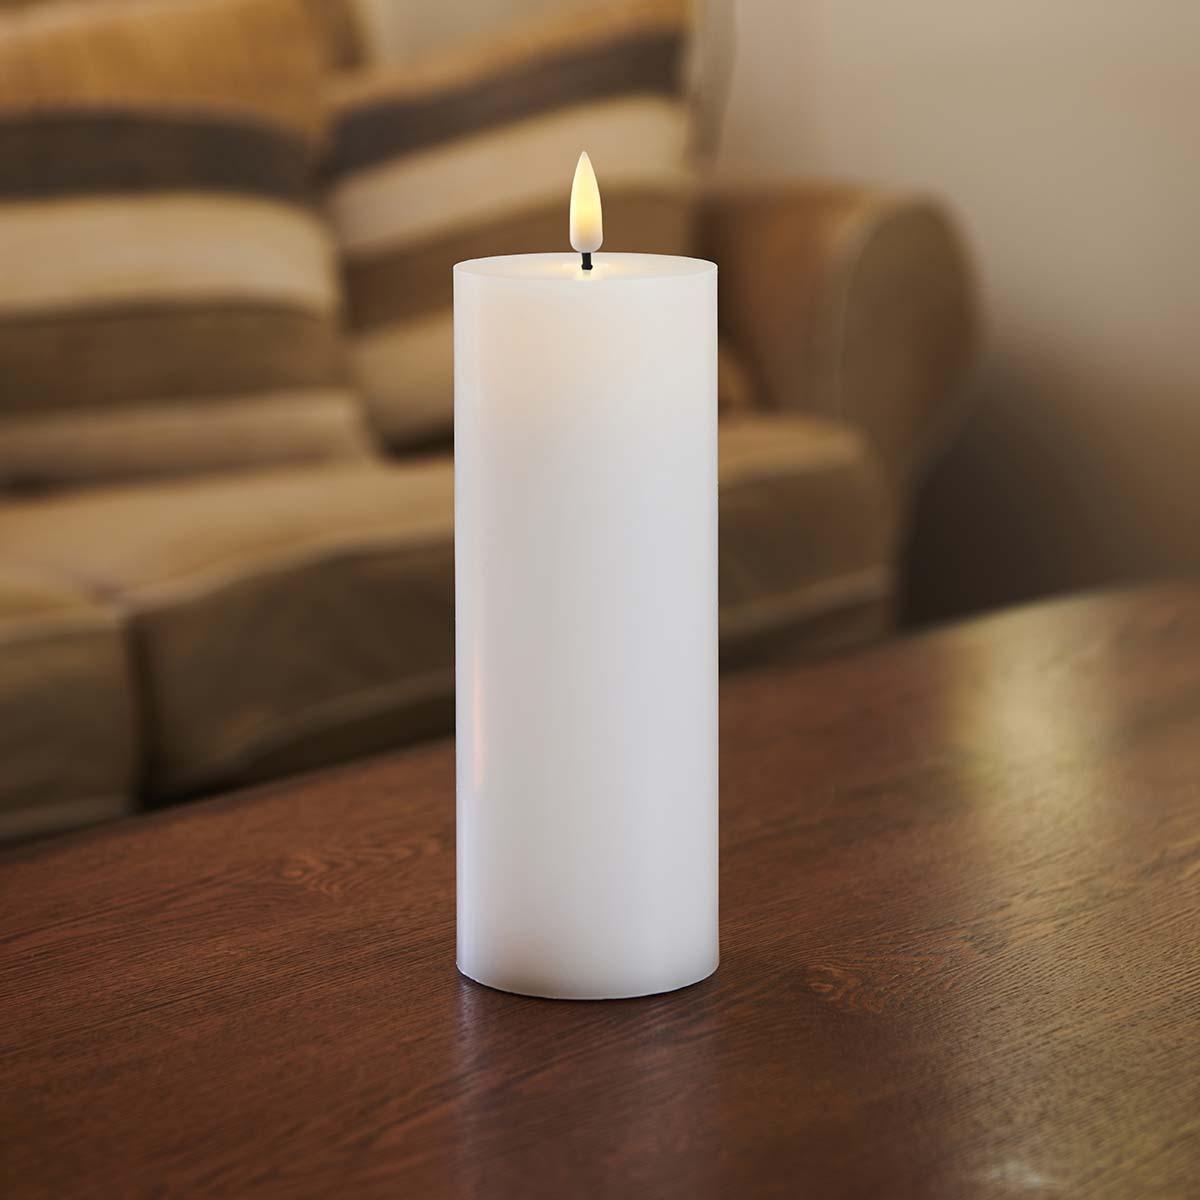 Bougie LED haut plat flamme vacillante H 20 * D 7,5 cm